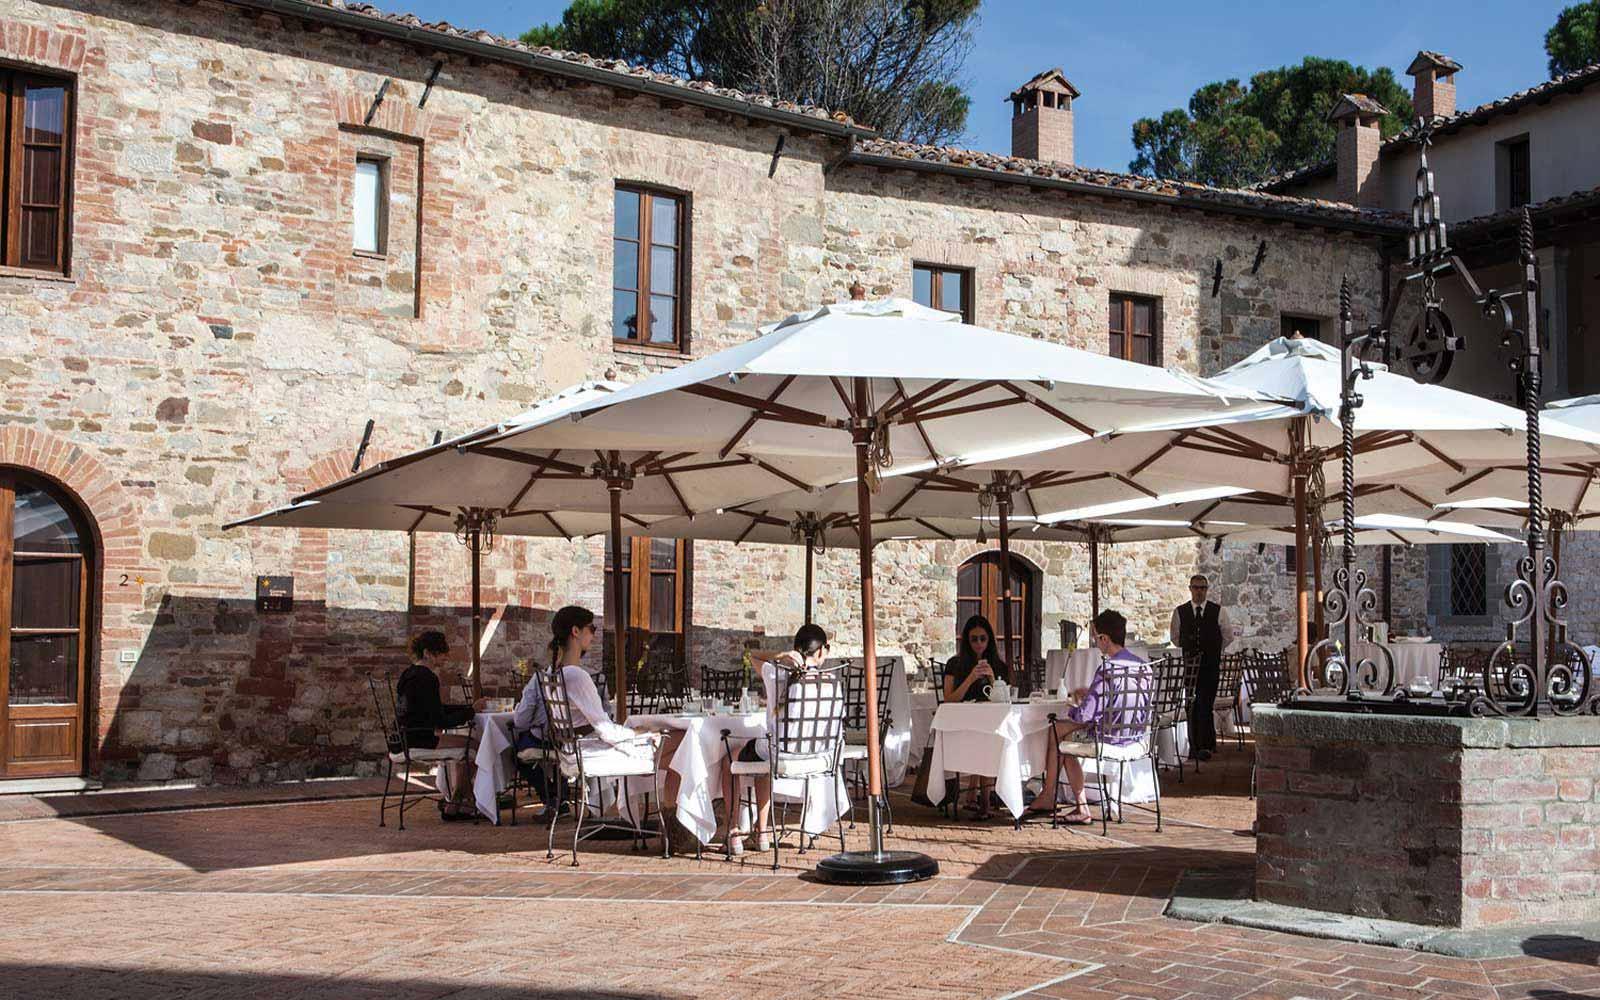 Piazza Contrada at Castel Monastero Tuscan Resort & Spa